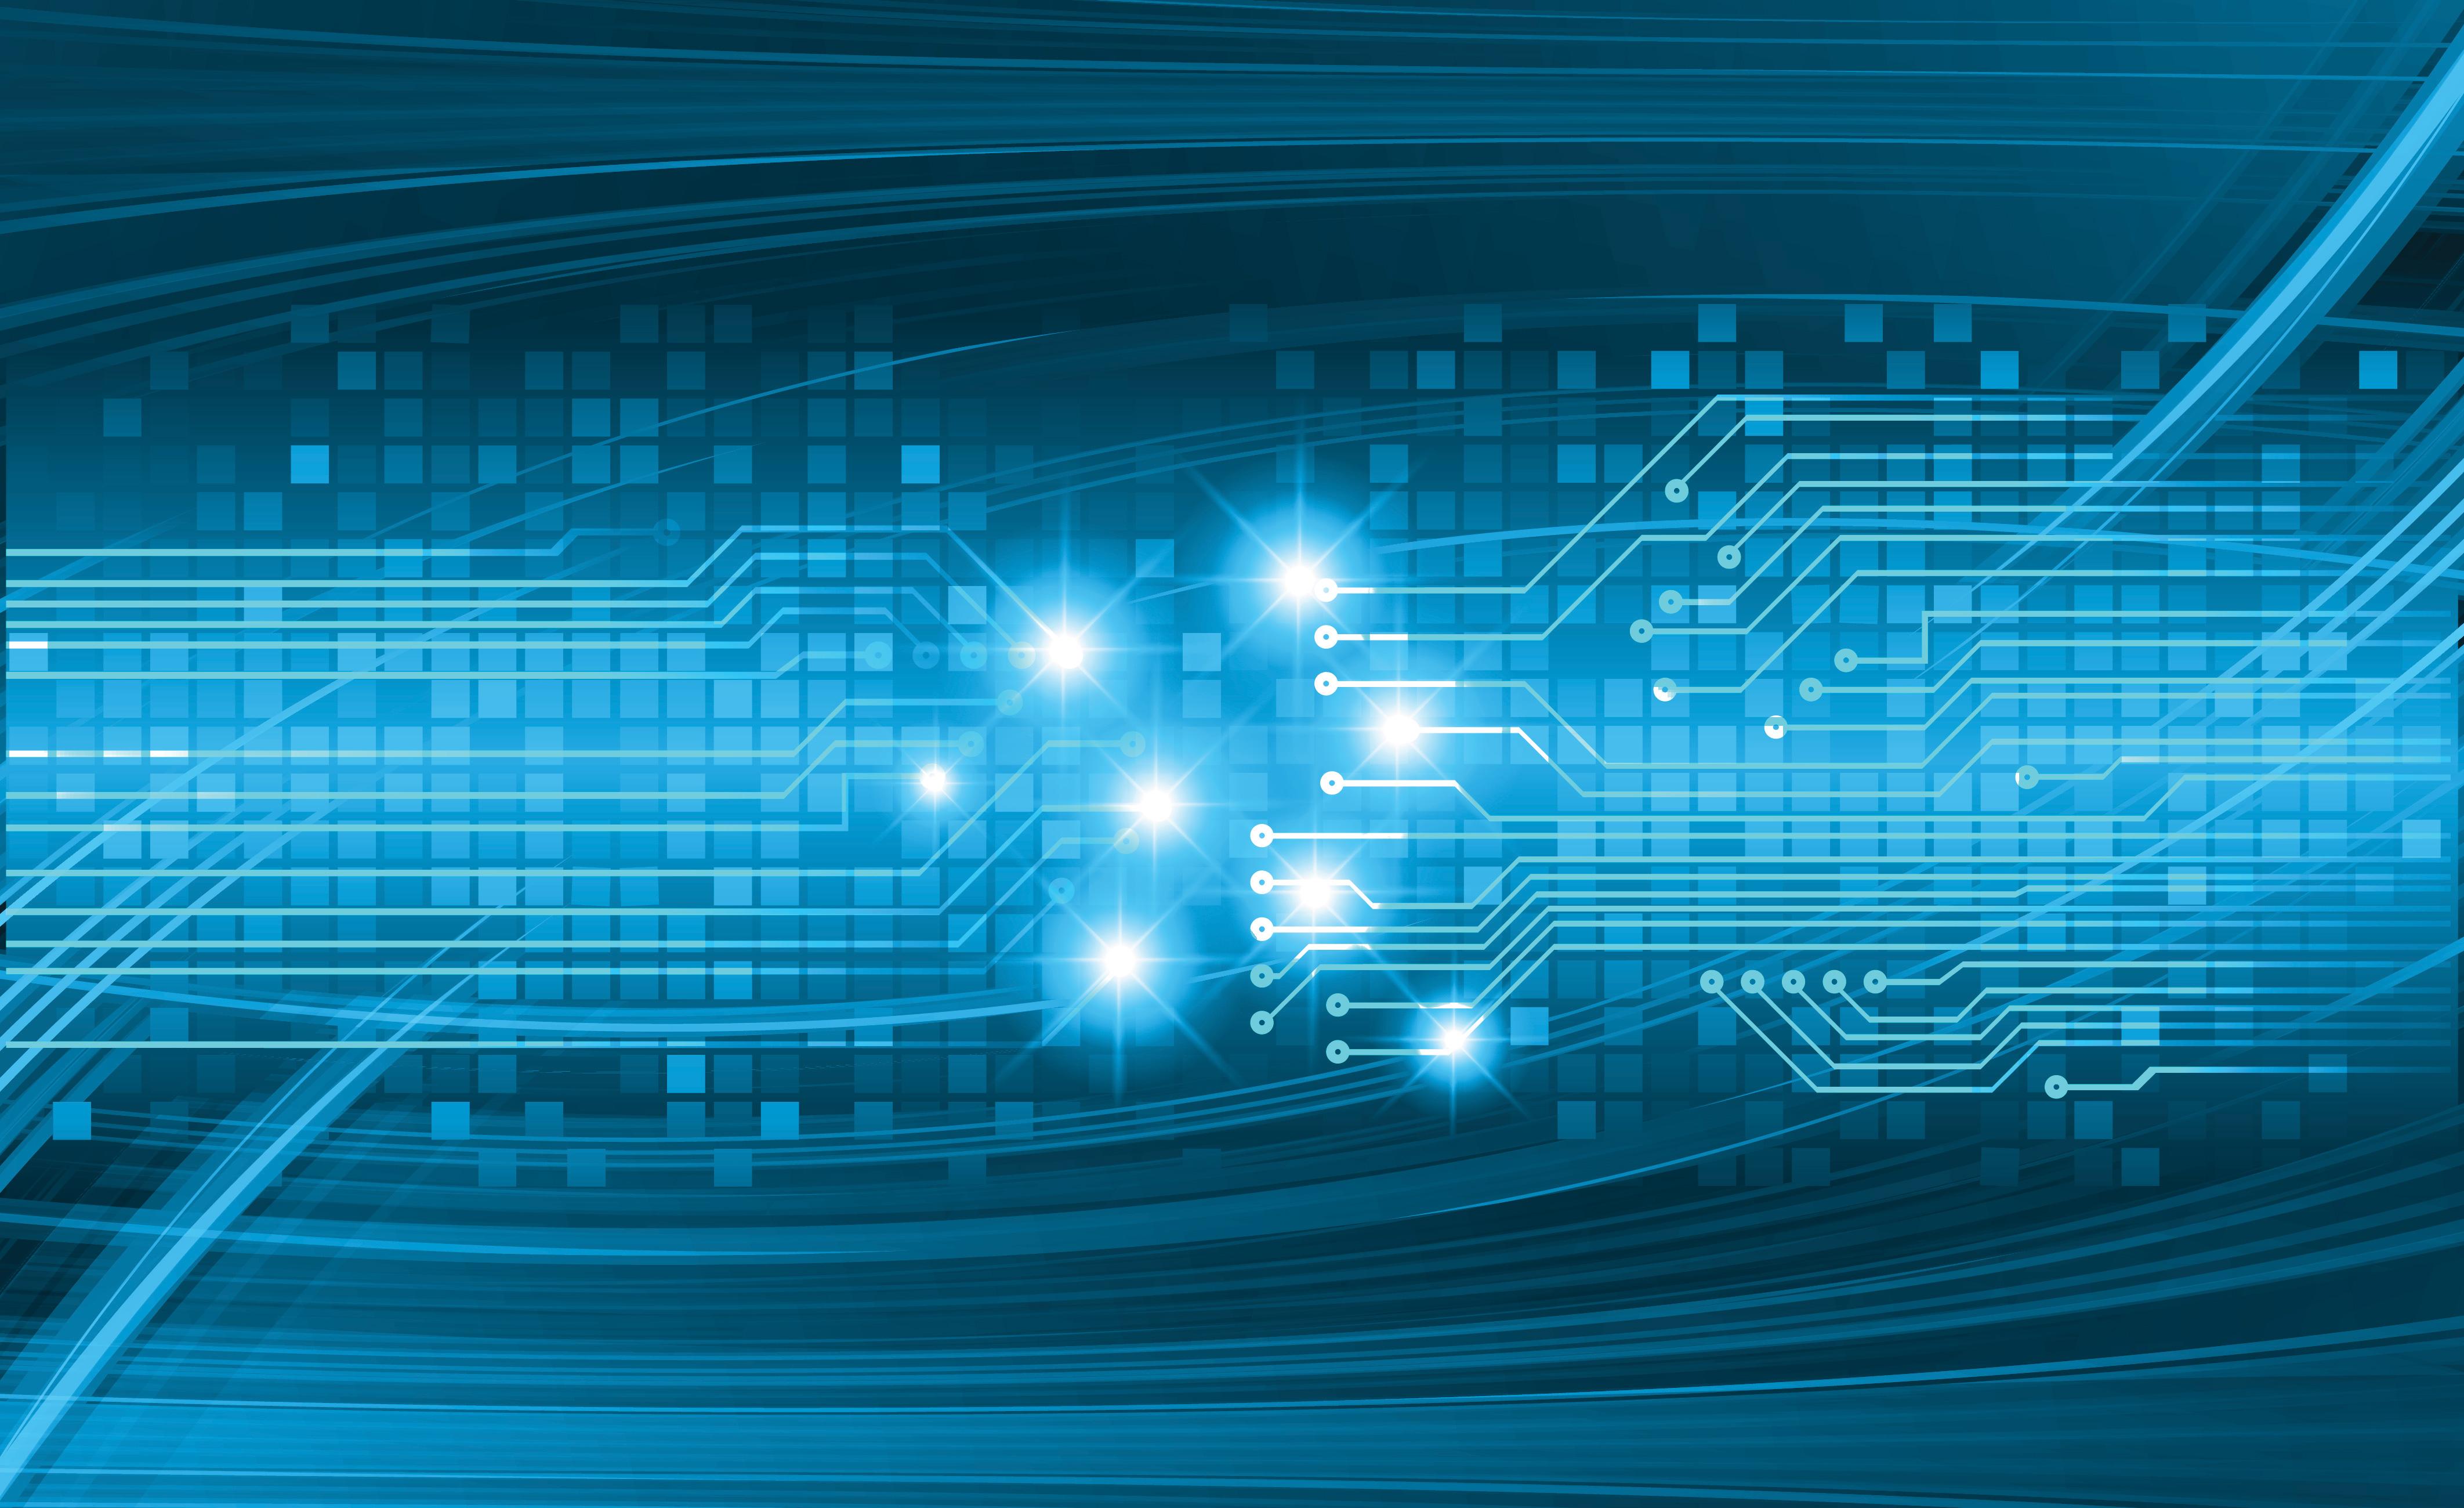 """25.5.2020. године почиње први круг онлајн обука """"Дигитална учионица"""" за основне школе"""